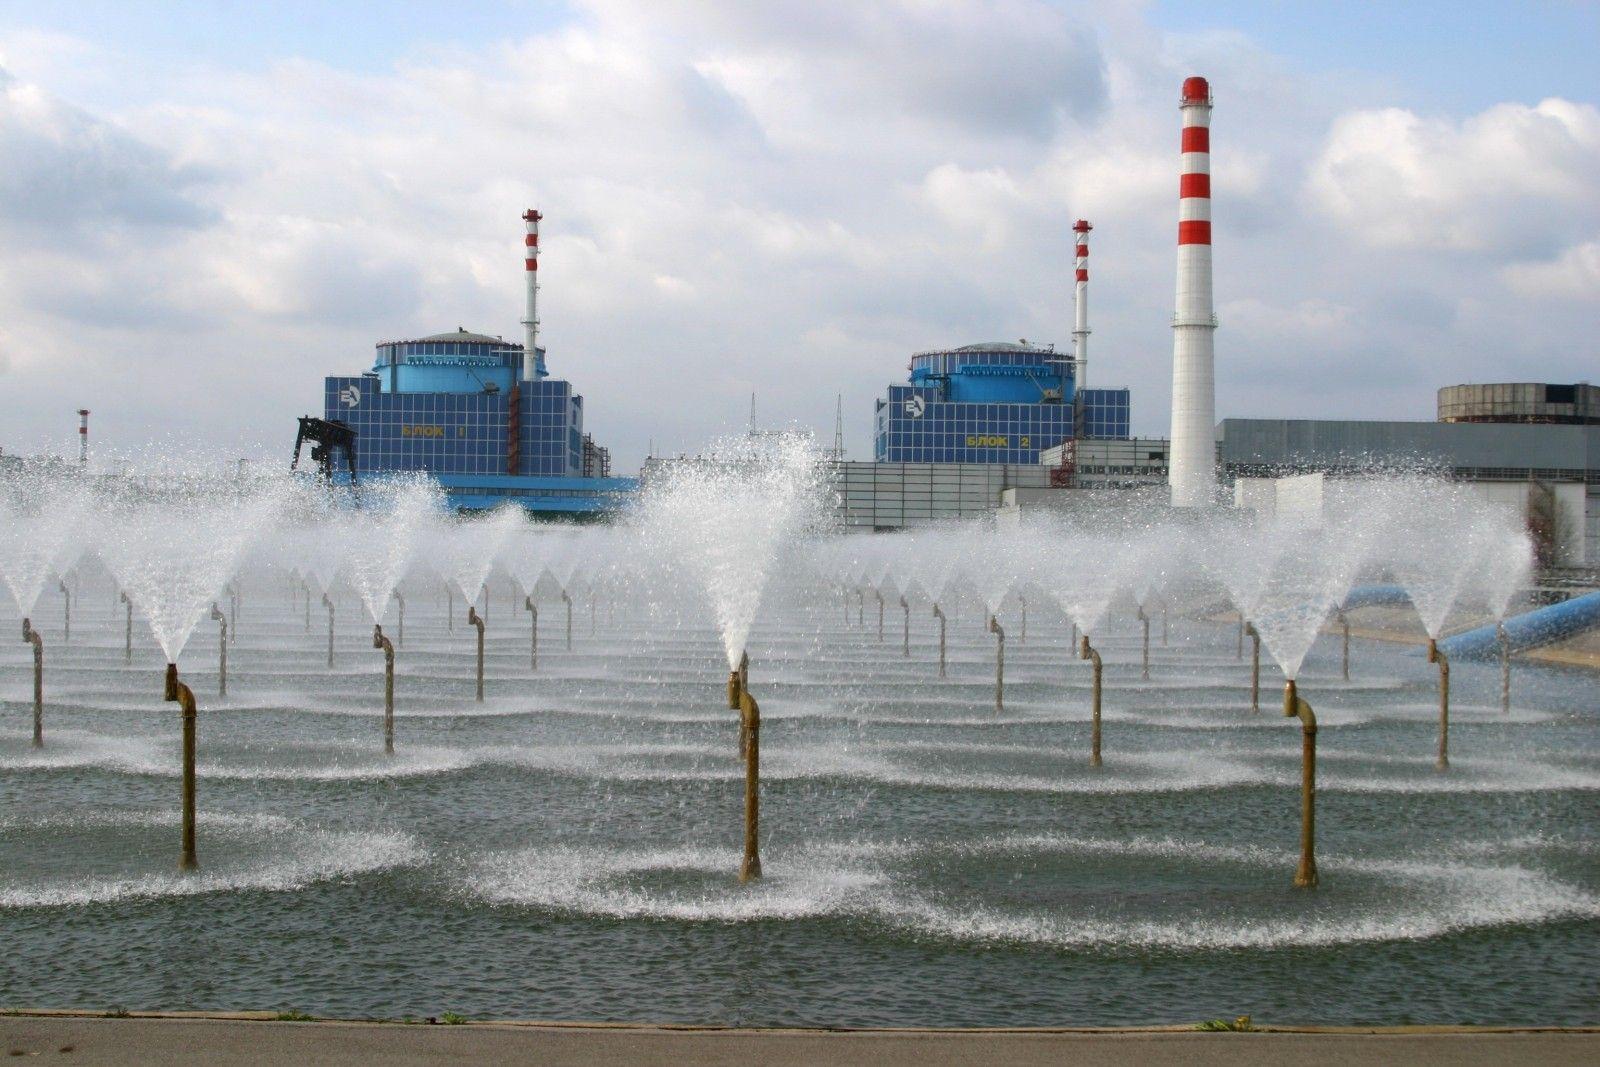 Правительственный комитет одобрил ТЭО достройки двух энергоблоков ХАЭС / фото energoatom.kiev.ua